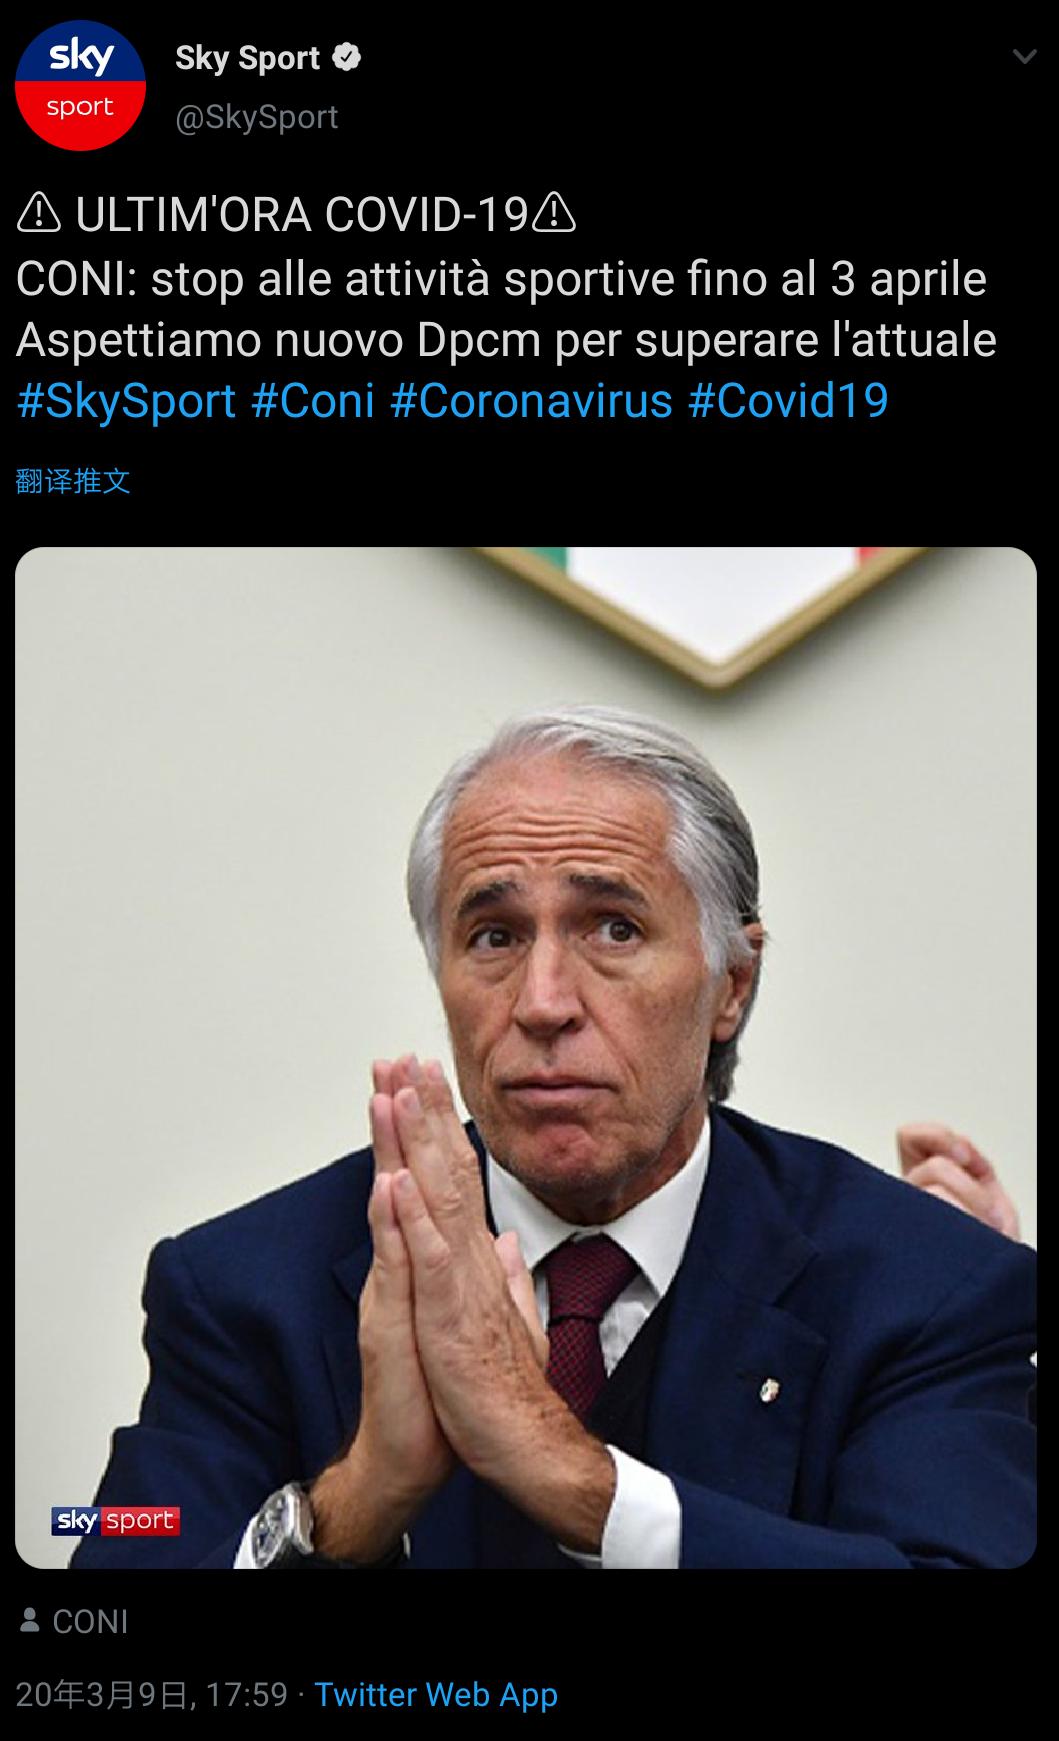 突发!意大利奥委会宣布暂停国内所有体育赛事,意甲确定停摆至少到4月3日